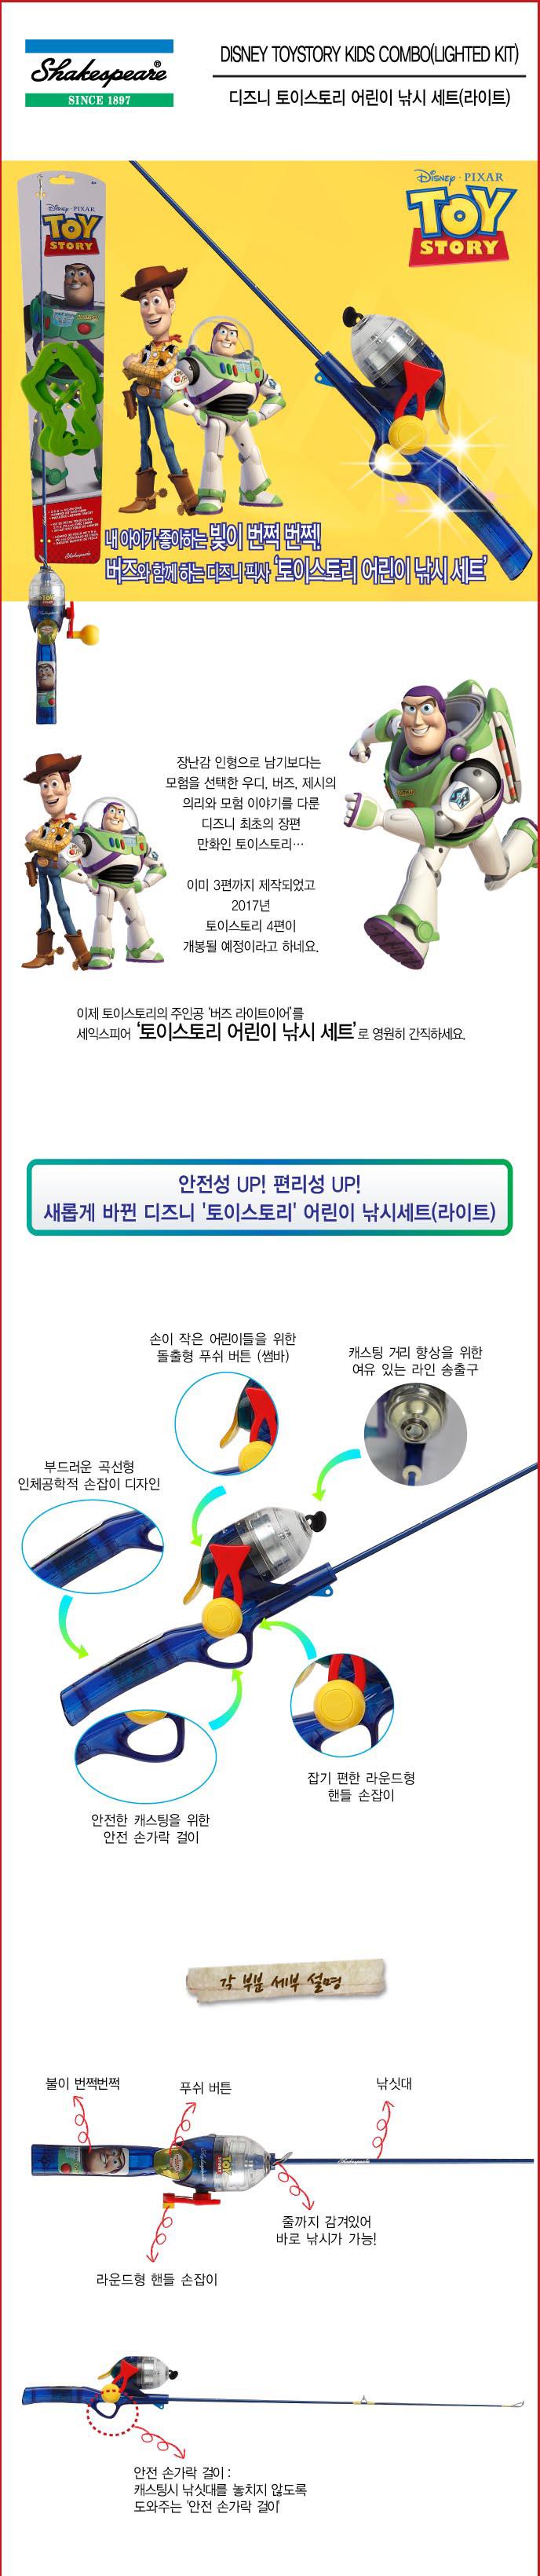 세익스피어 디즈니 토이스토리 발광기능 어린이낚시세트 어린이낚시 주니어피싱 쥬니어낚시 어린이루어 낚시장난감 장난감낚시